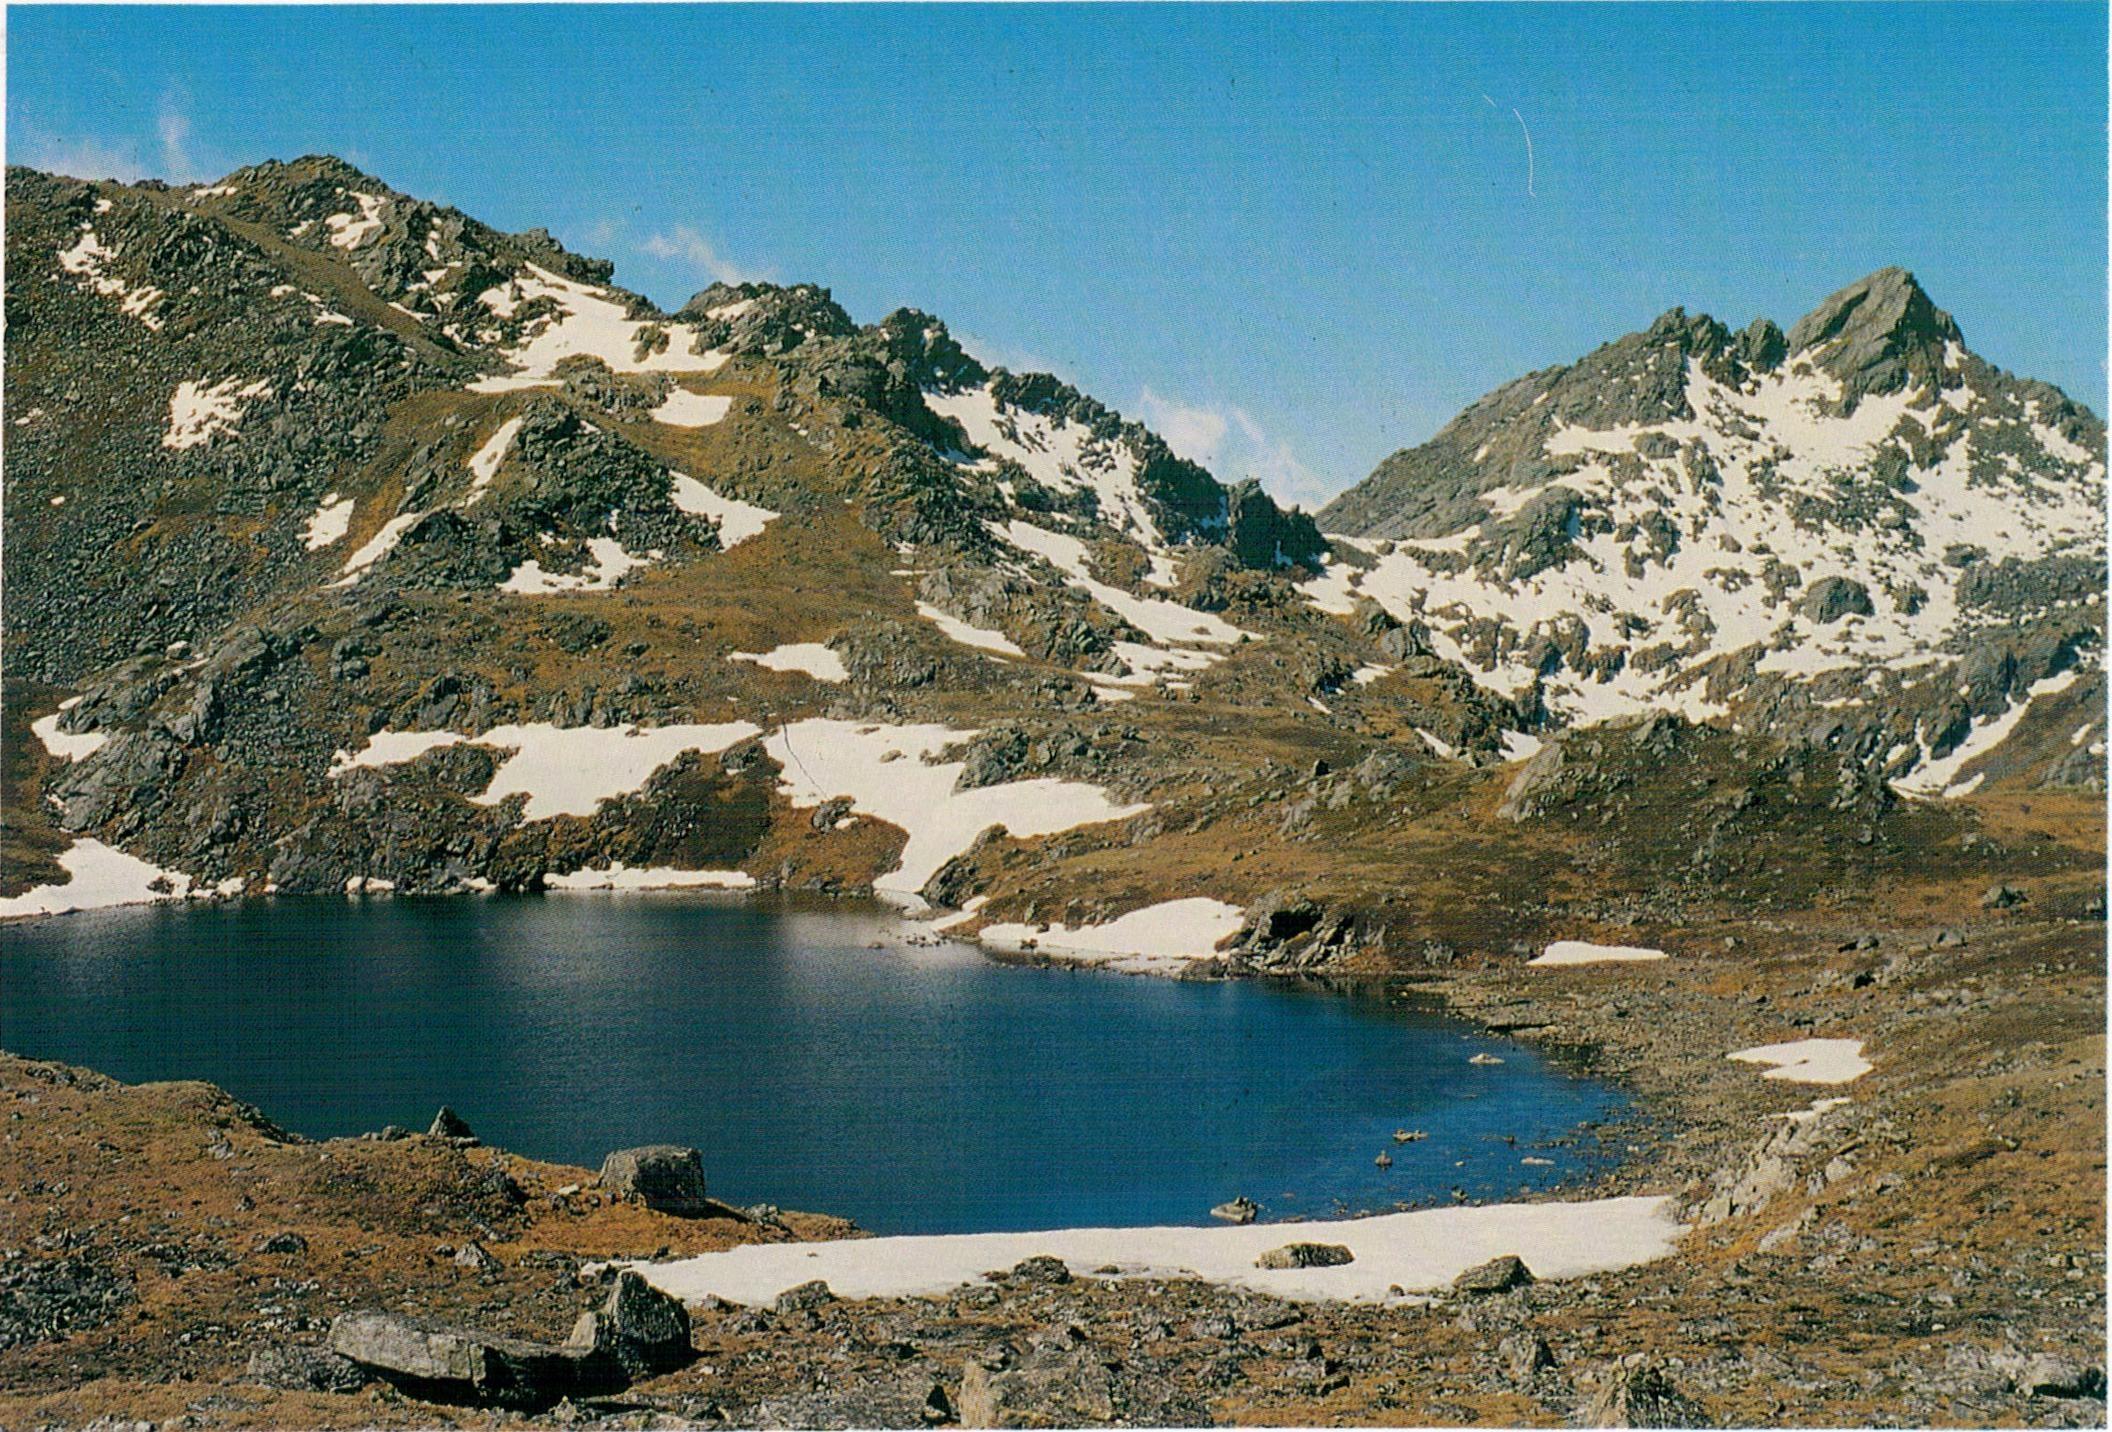 Mt. Langtang Gosaikunda Helambu